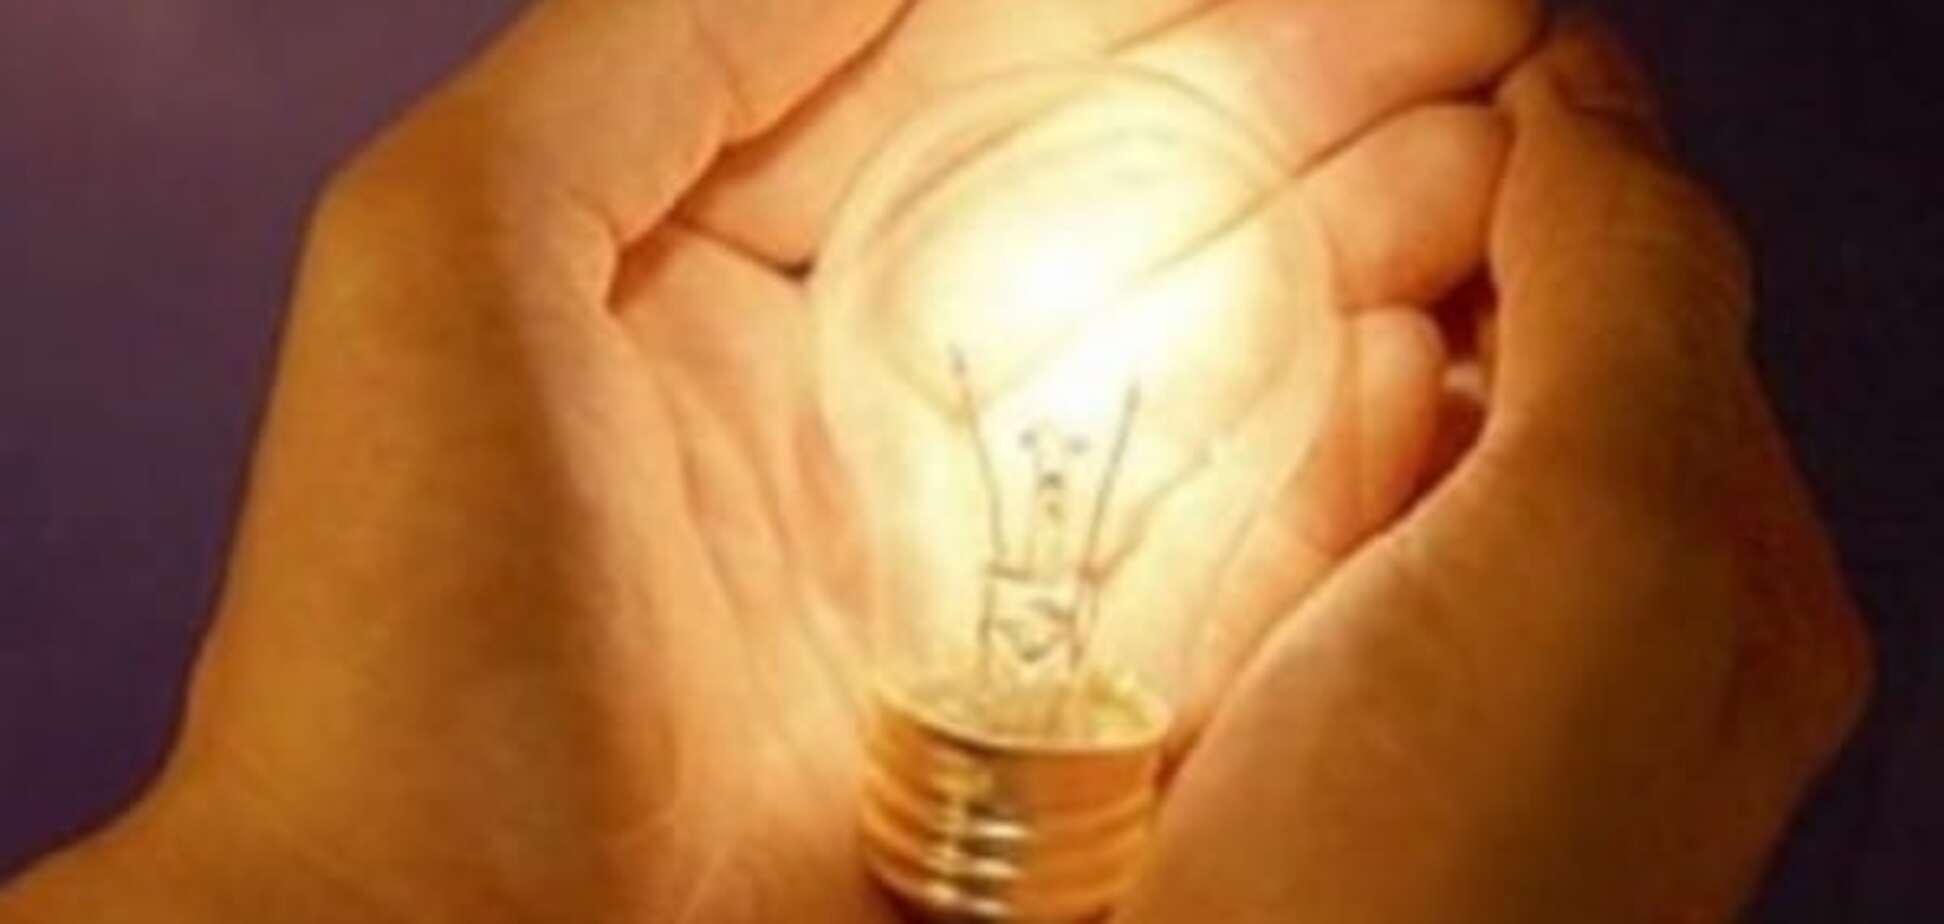 До свободы далеко: когда украинцы смогут выбирать, где дешево покупать электричество